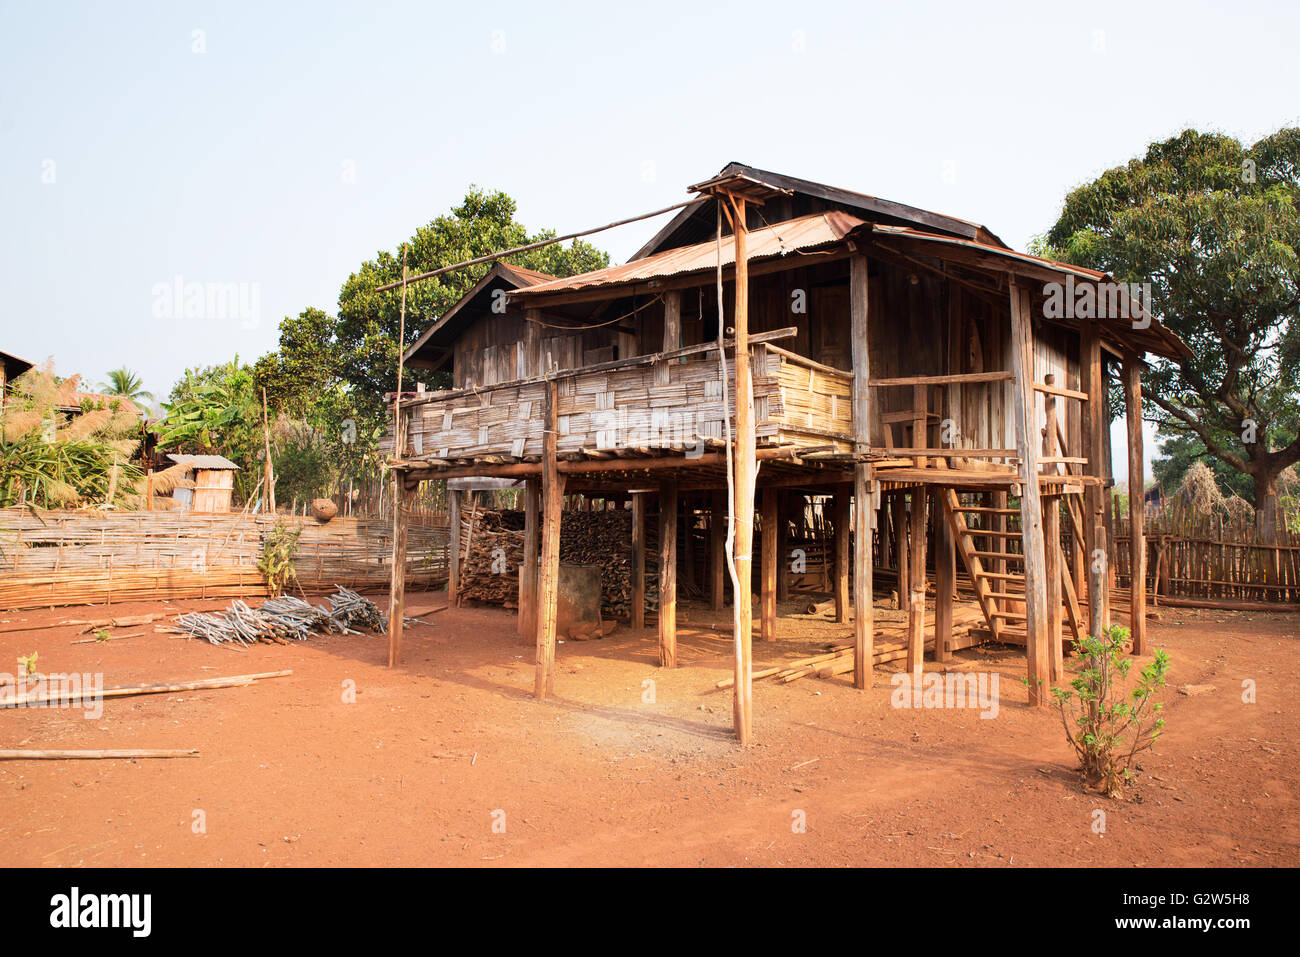 Traditional stilt house of Kayah people, Dawtamakyi village, Kayan State, Myanmar Stock Photo